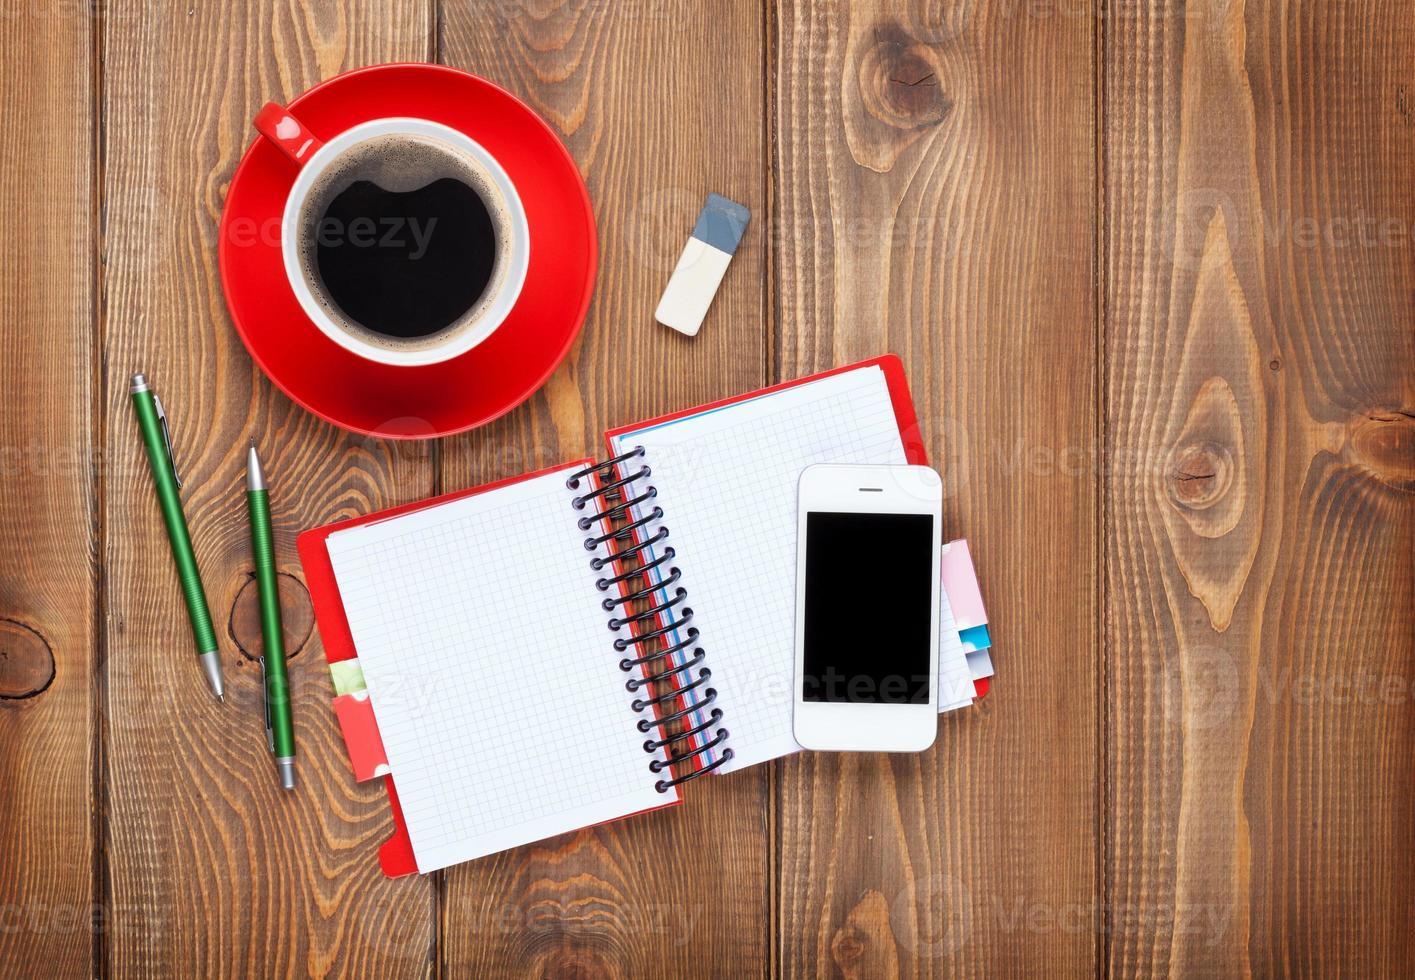 Bureau tafel met benodigdheden en koffiekopje foto